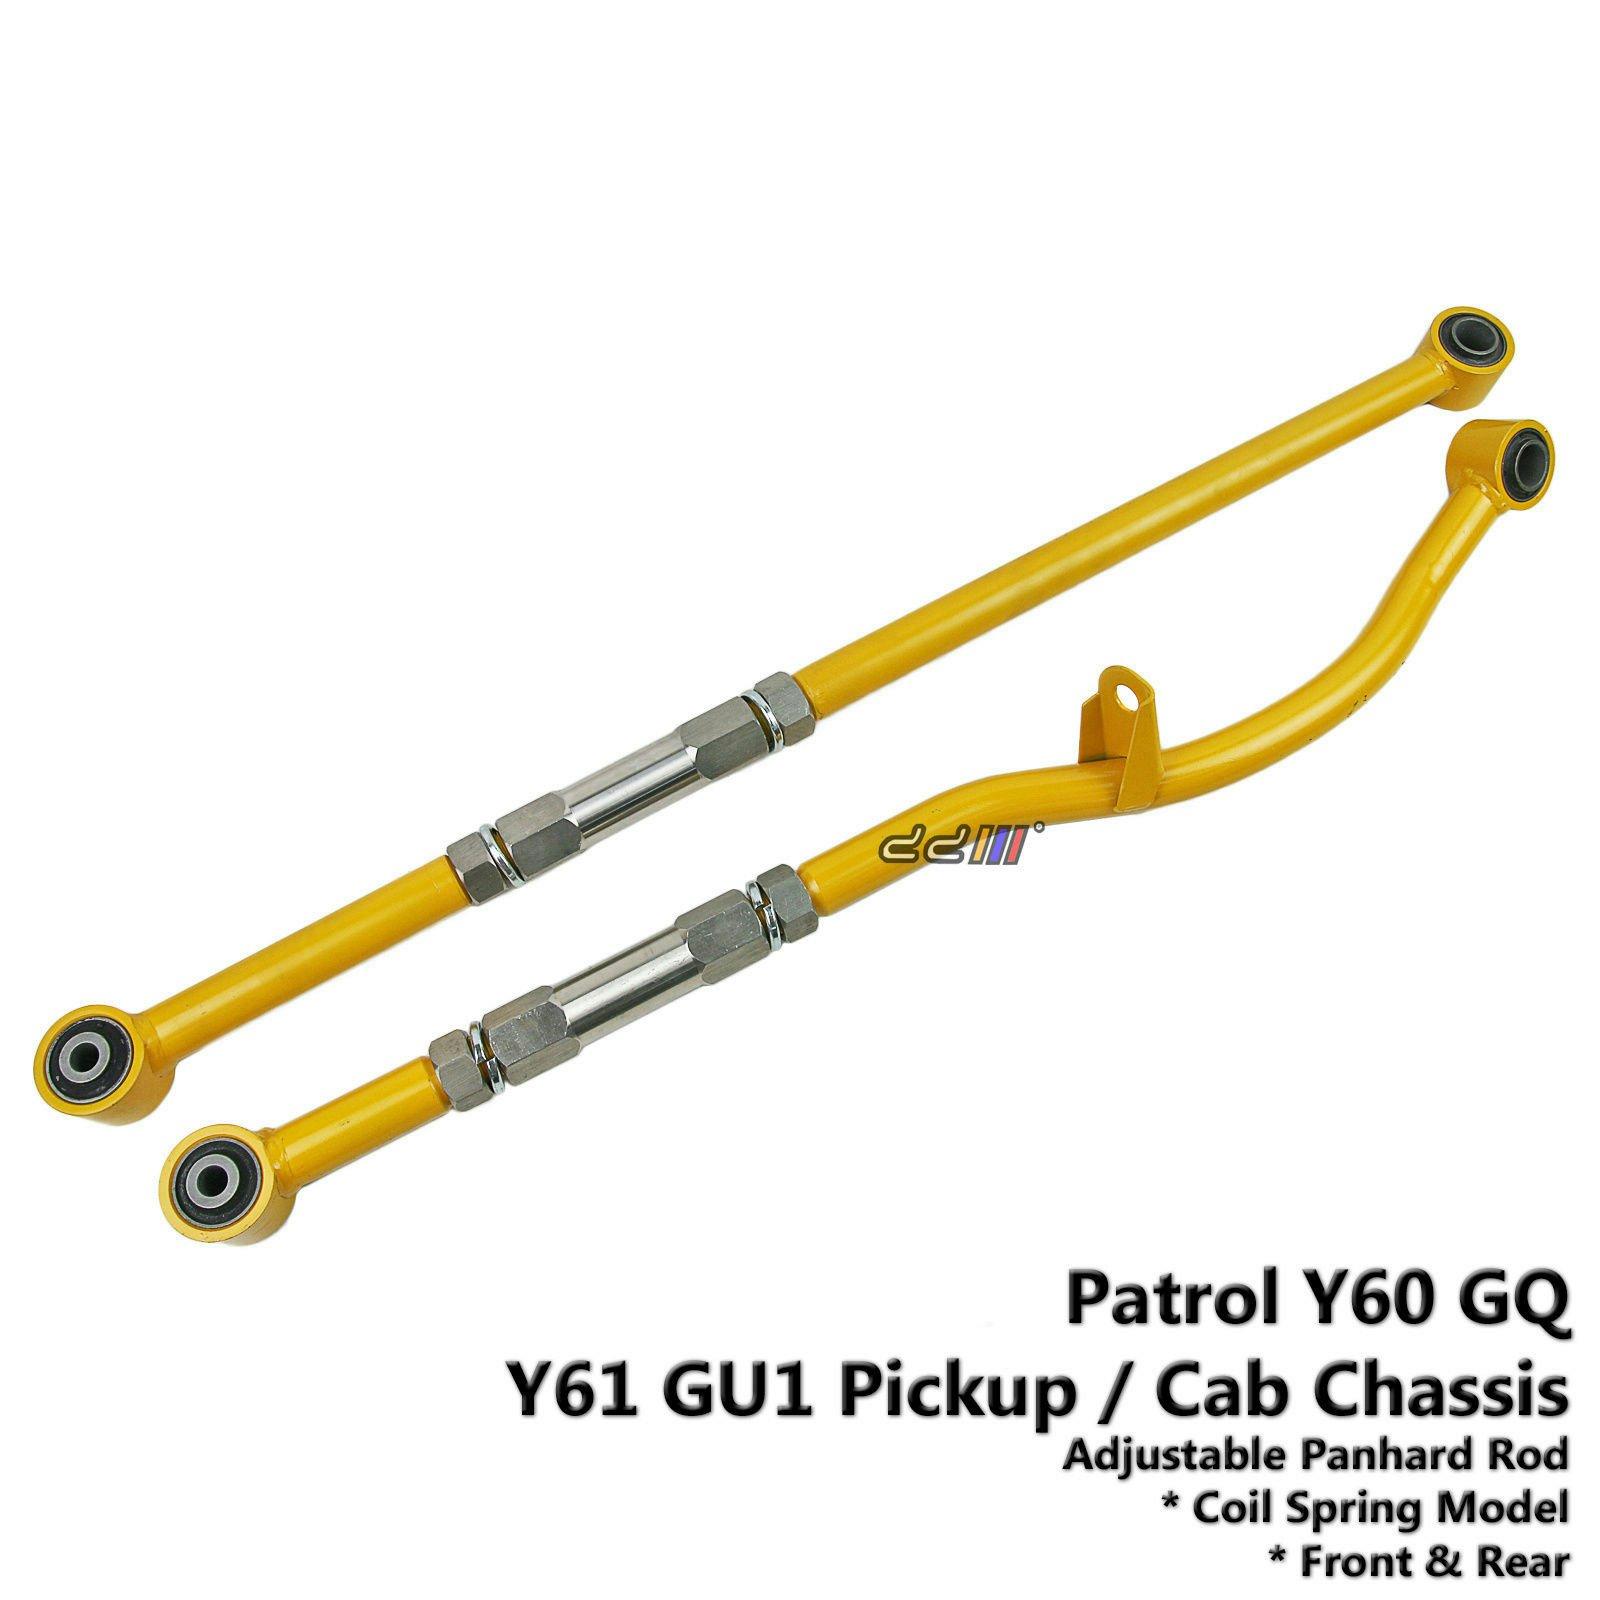 Front+Rear Adjustable Panhard Rod Bar For Nissan Patrol GQ GU1 Y60 Y61 Lift 2-4''